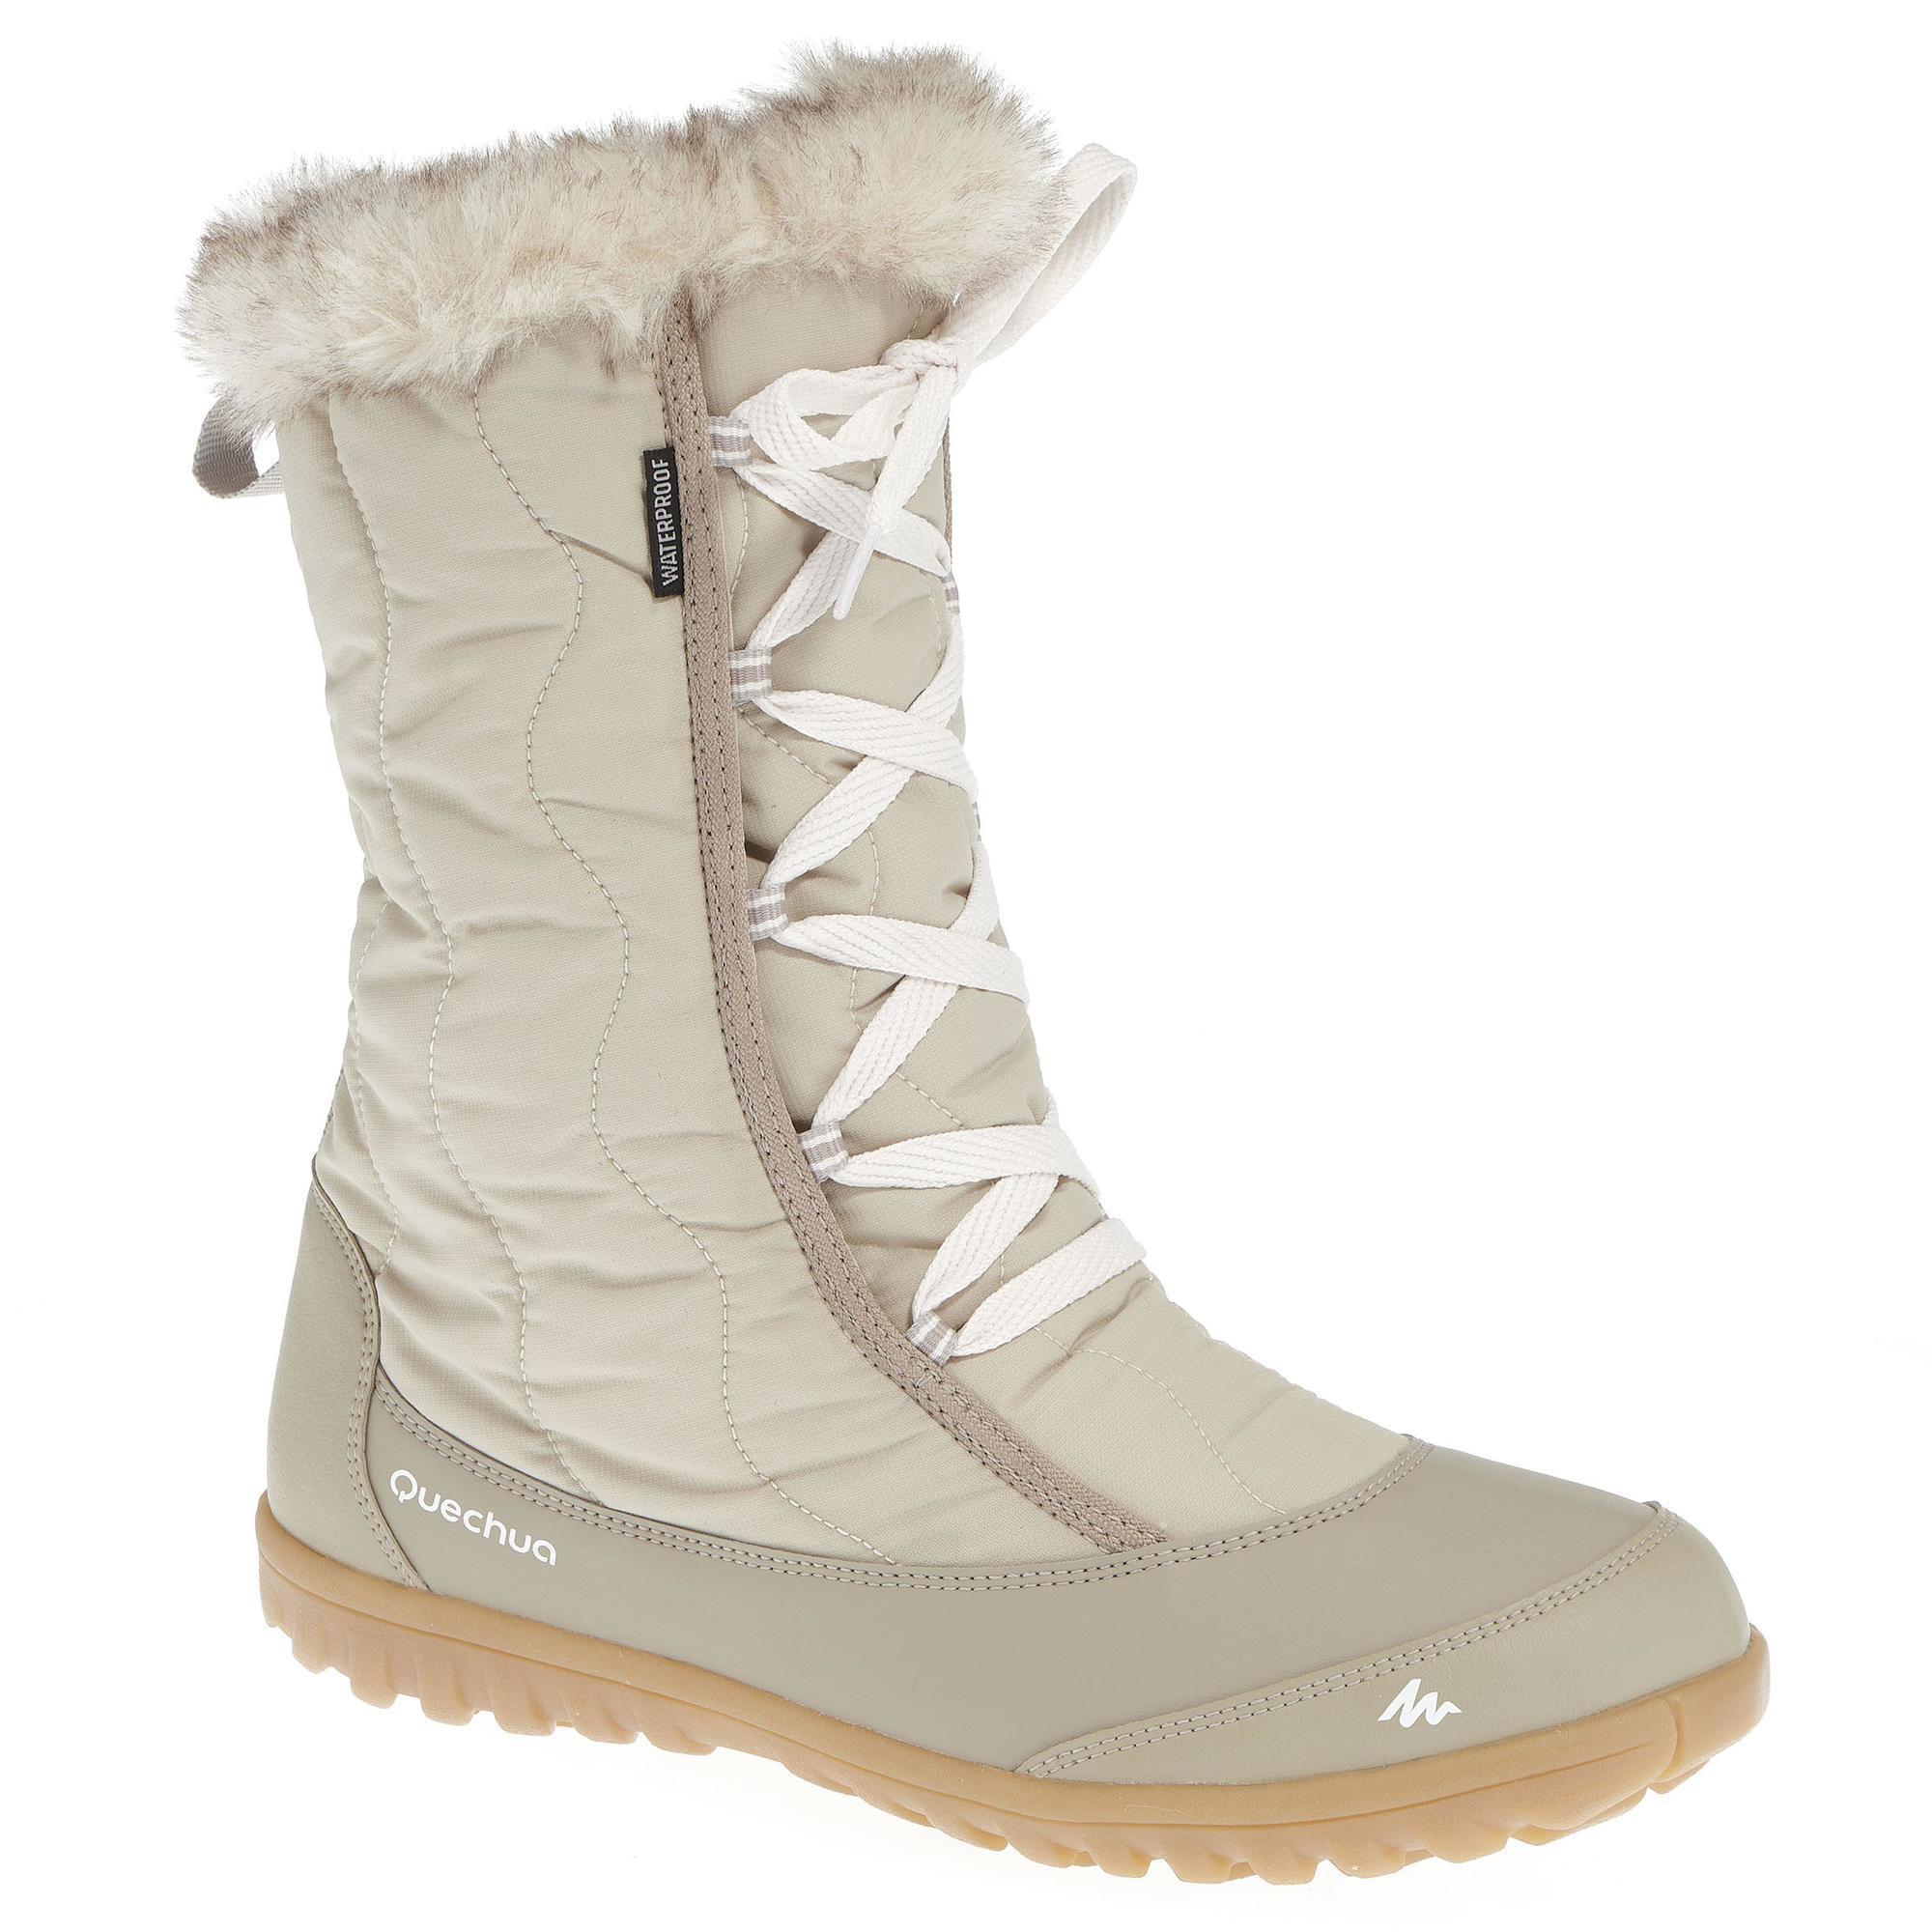 grande collection choisir véritable dernière collection Bottes de randonnée neige femme SH500 x-warm lacets bleu